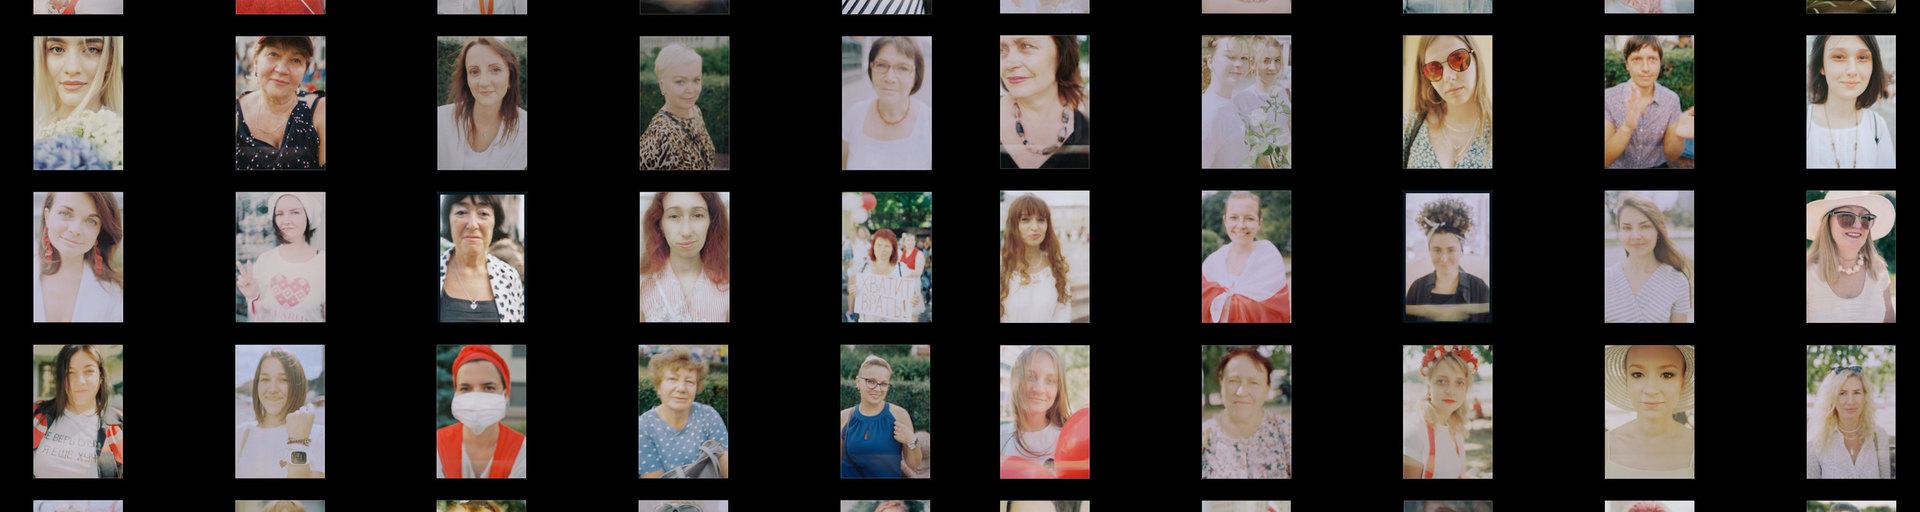 У протеста — женское лицо. Портреты белорусских женщин — вфотопроекте Юлии Шабловской иэссе писателя Евгения Бабушкина отайной женской силе